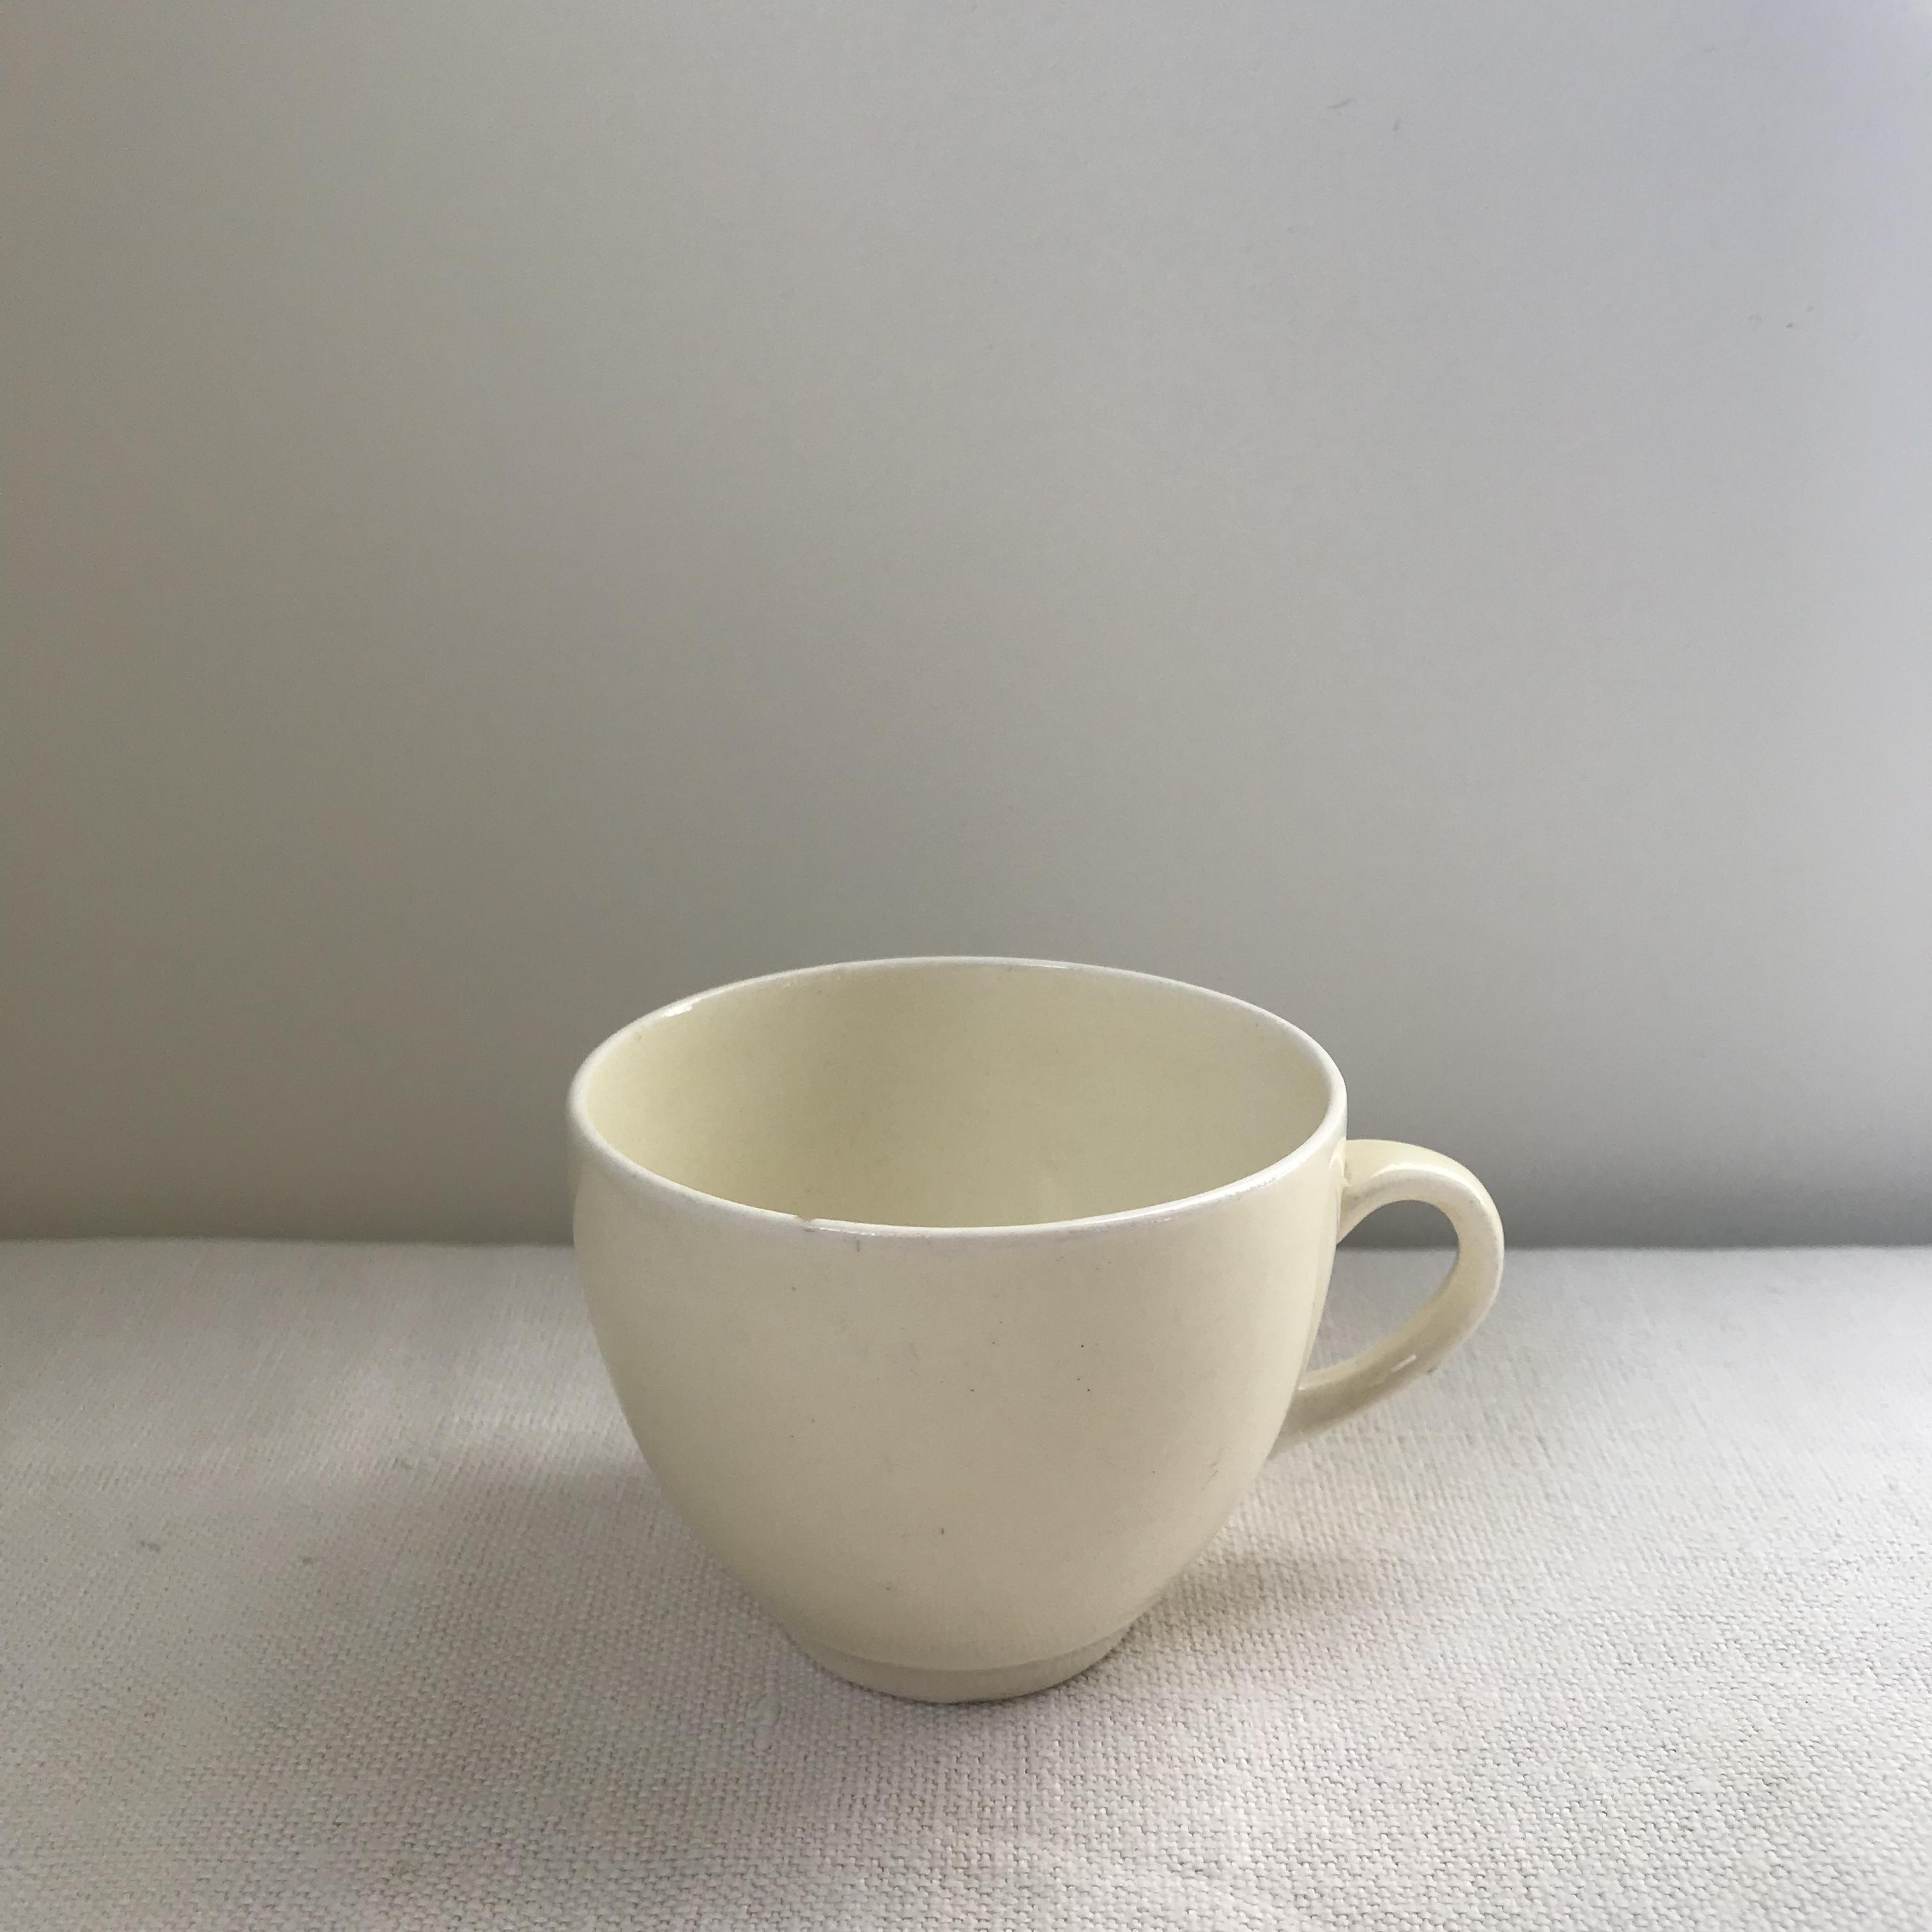 白い小さなカップ